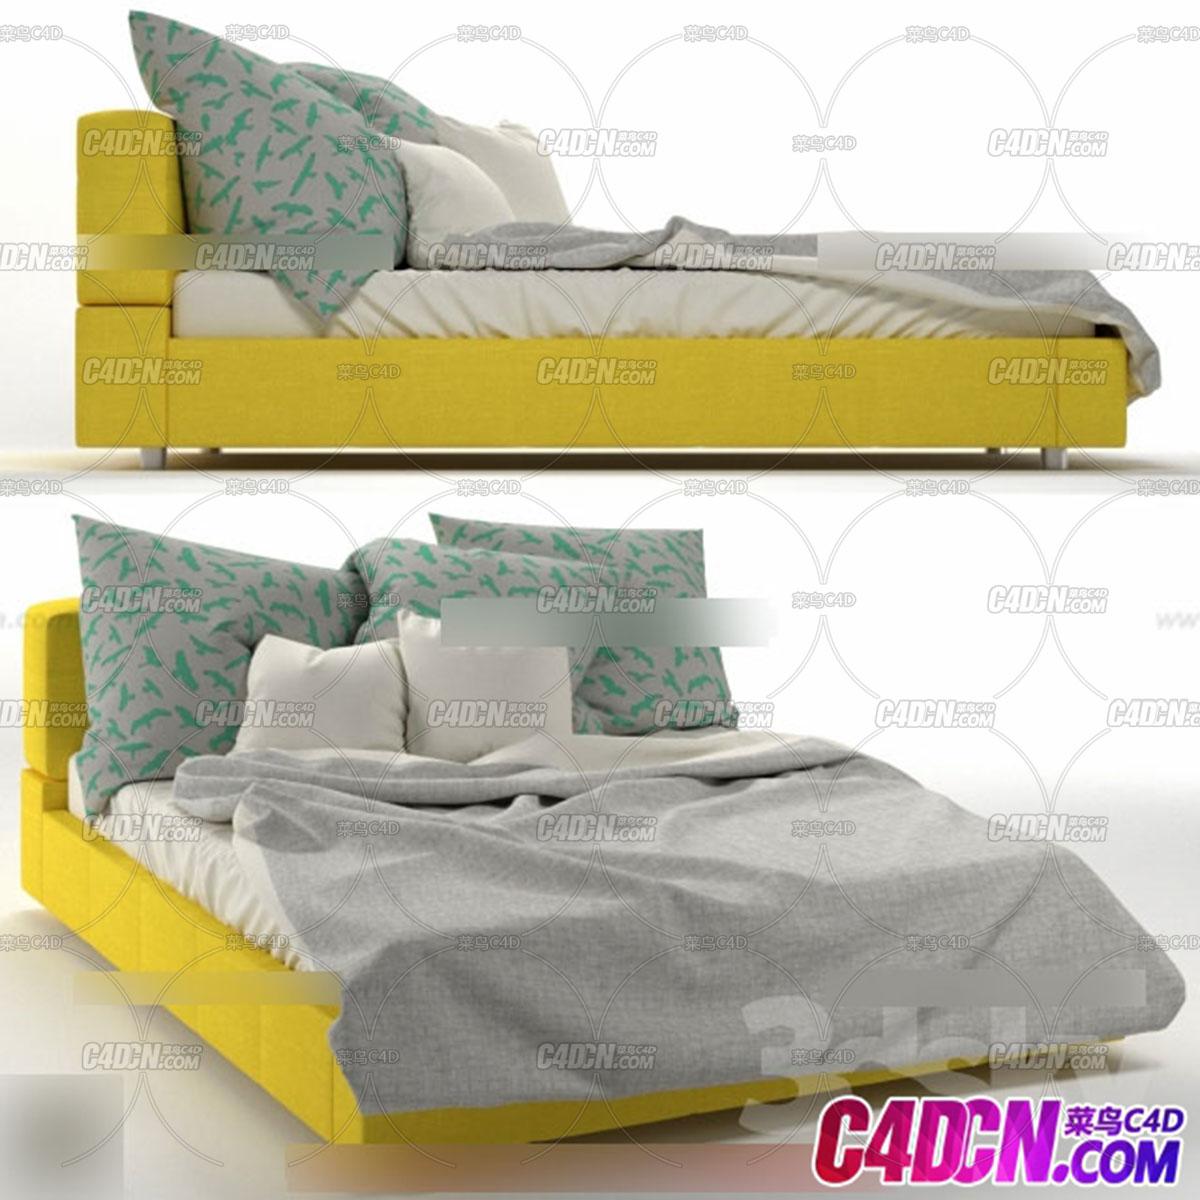 室内设计卧室家具模型 床117.jpg